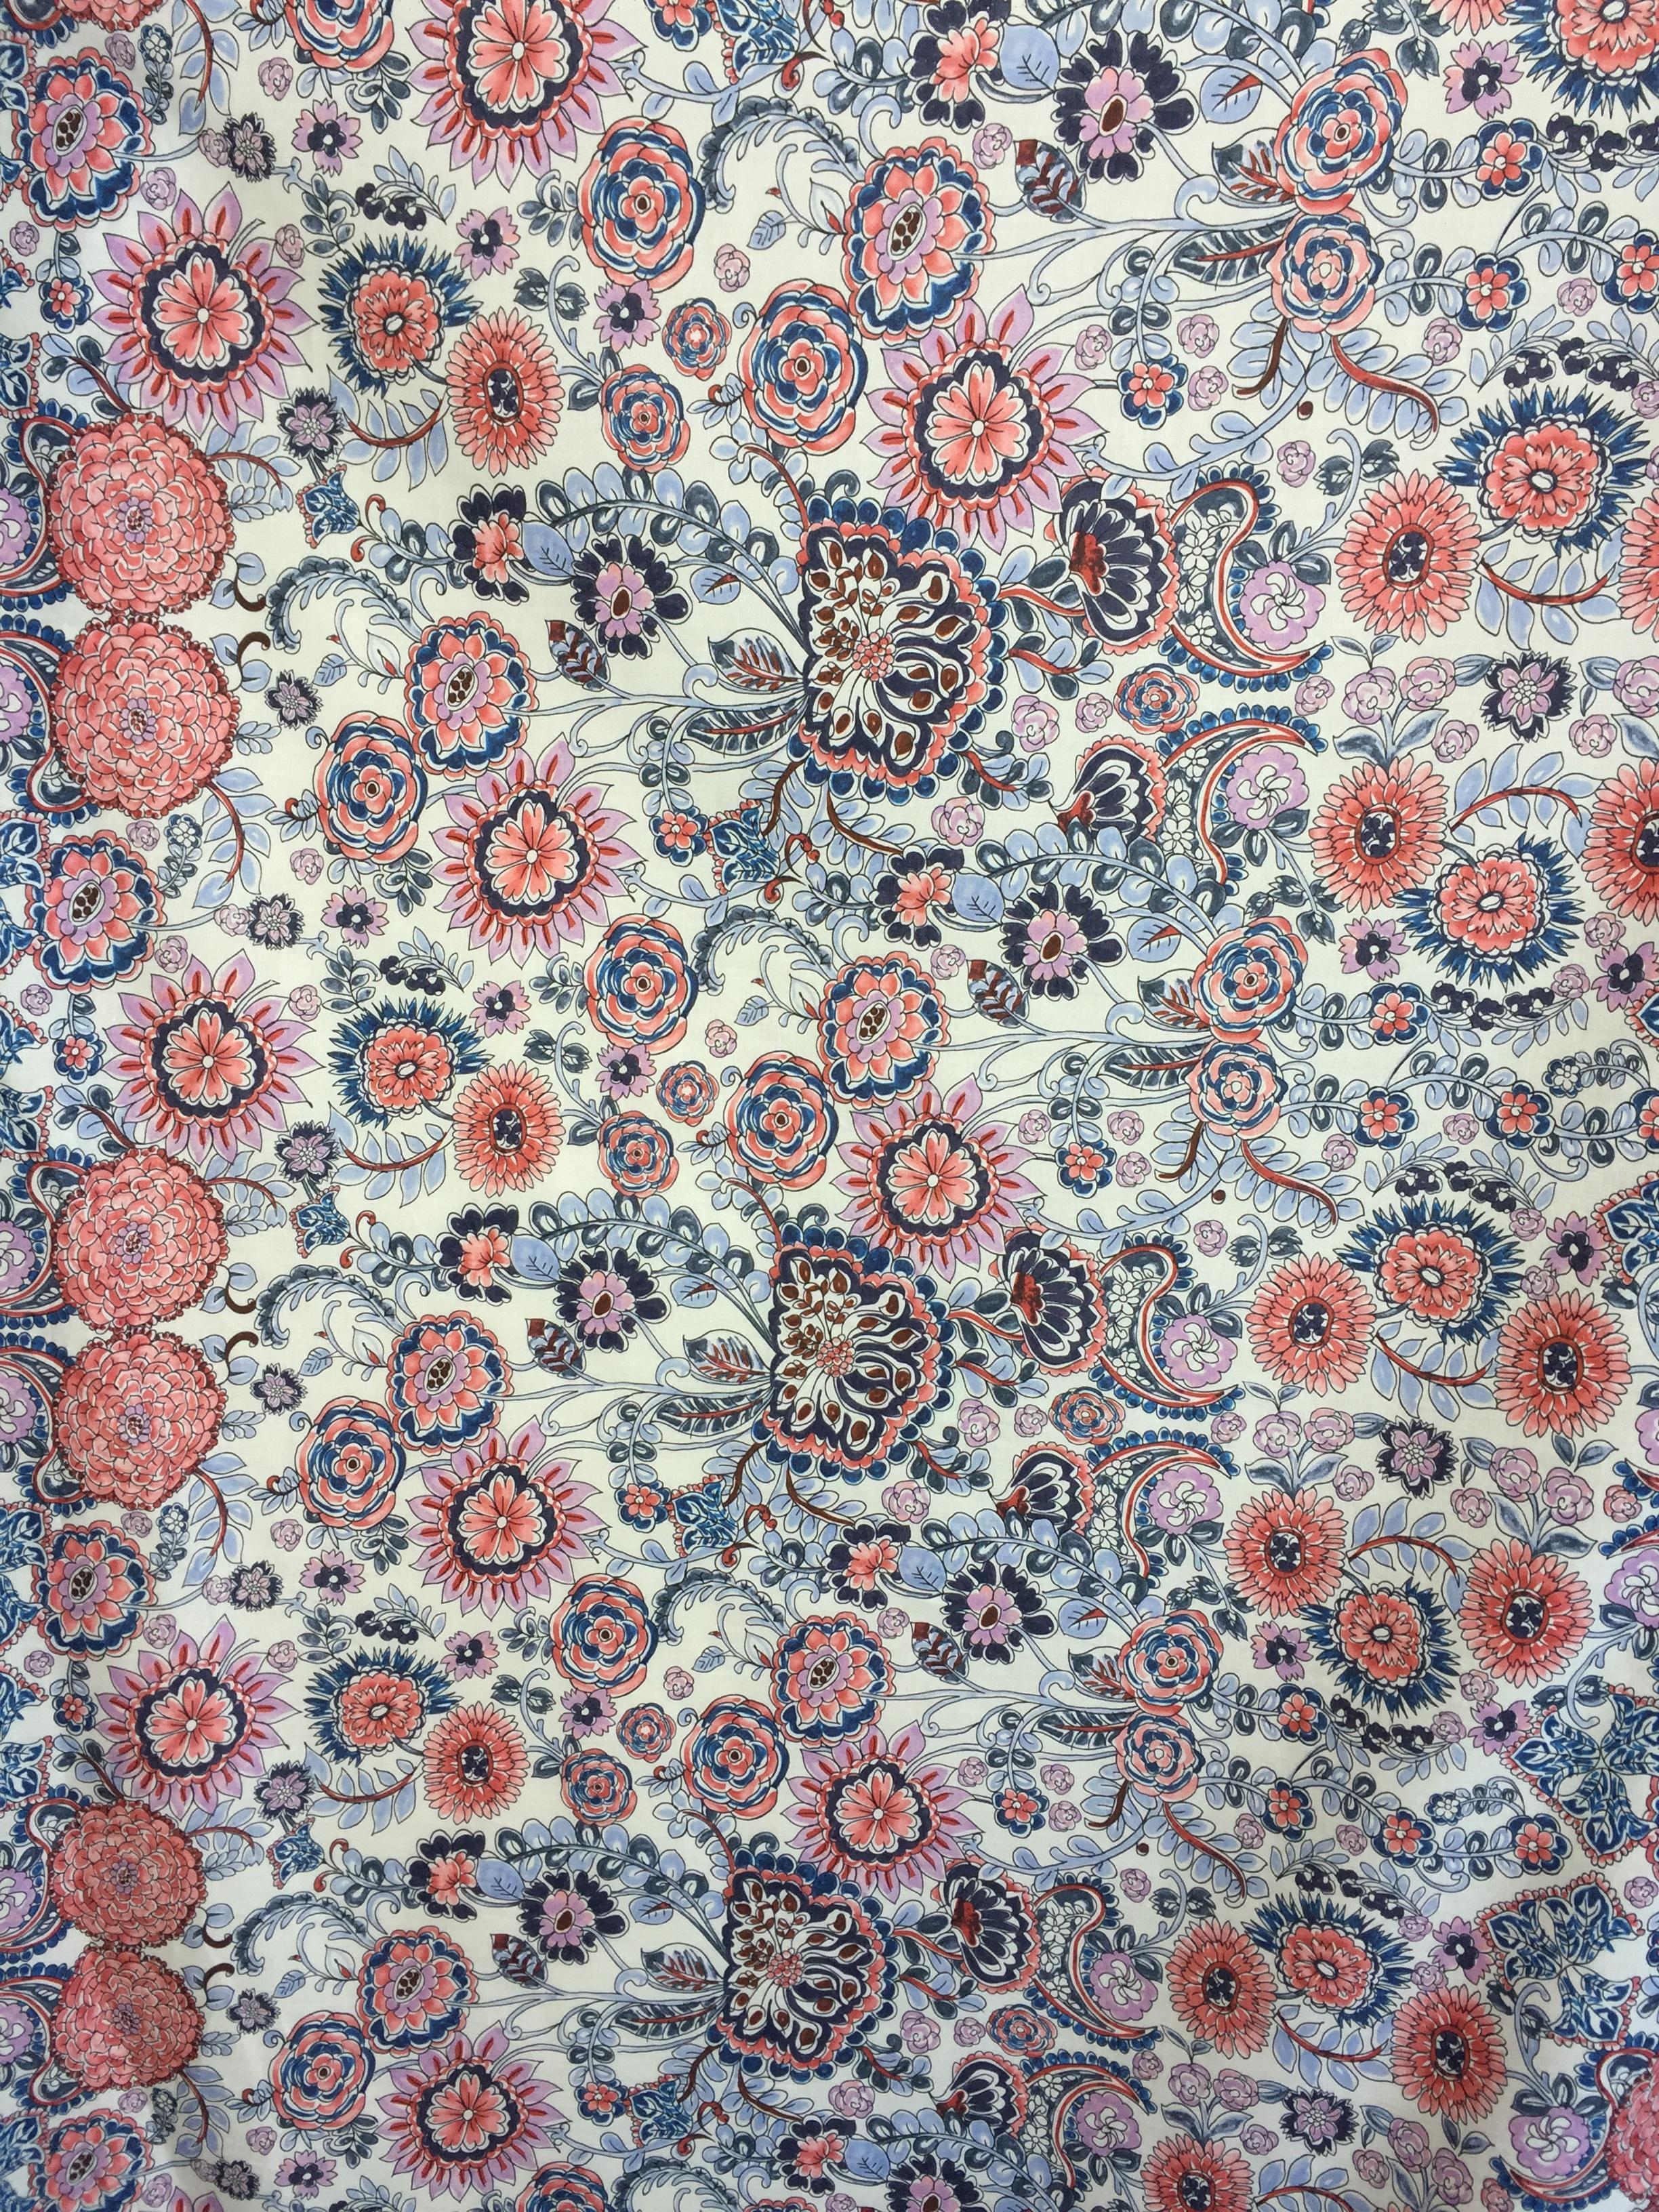 Regal Floral Cotton Lawn